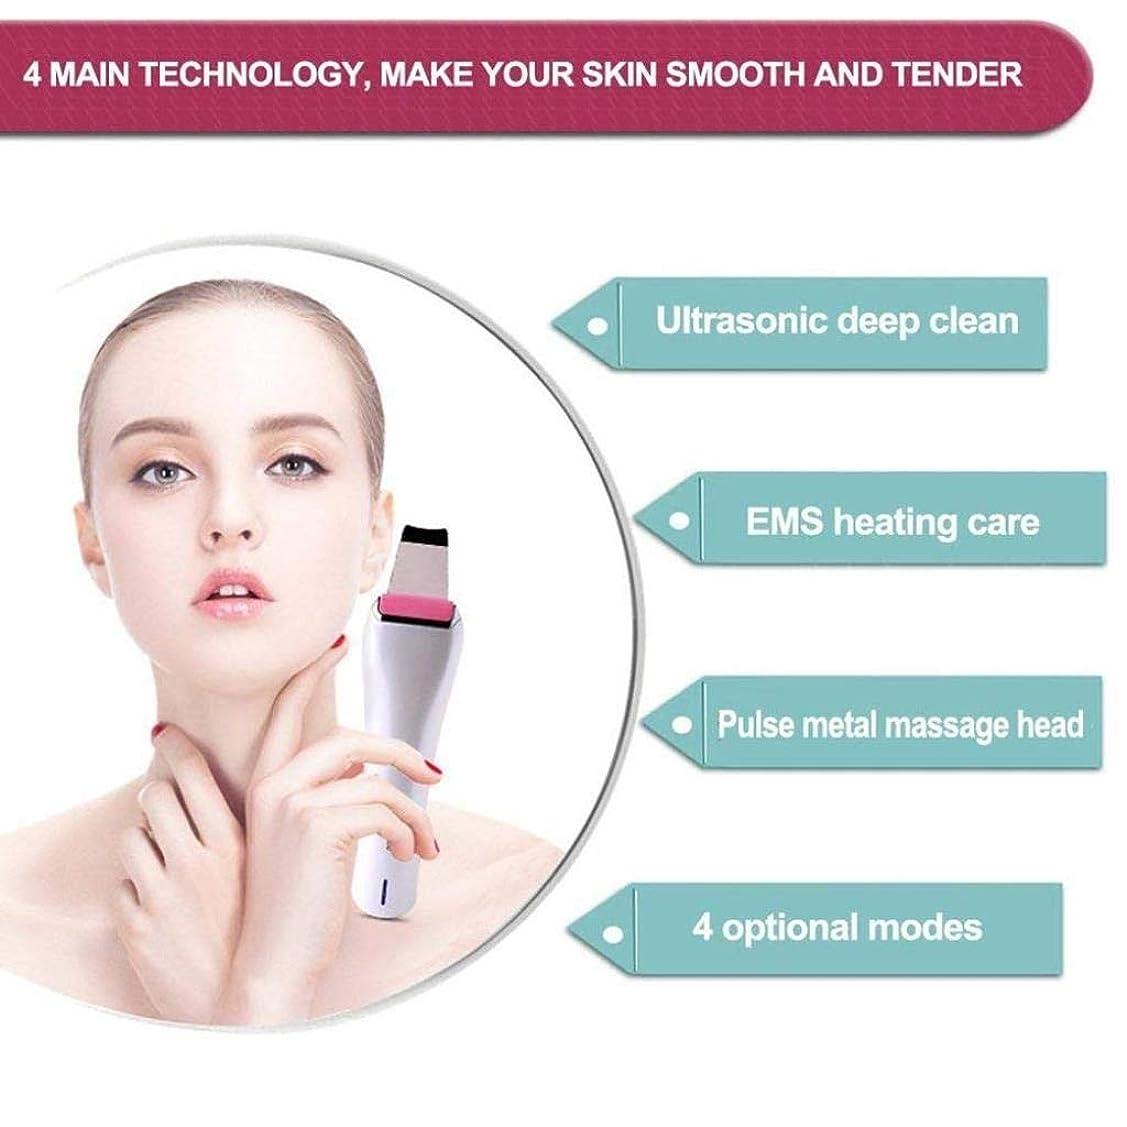 混乱したインフレーション辛い顔のスキンケア顔の振動マッサージャーのクリーニング機械シャベルの皮機械アクネの皮のスクラバー